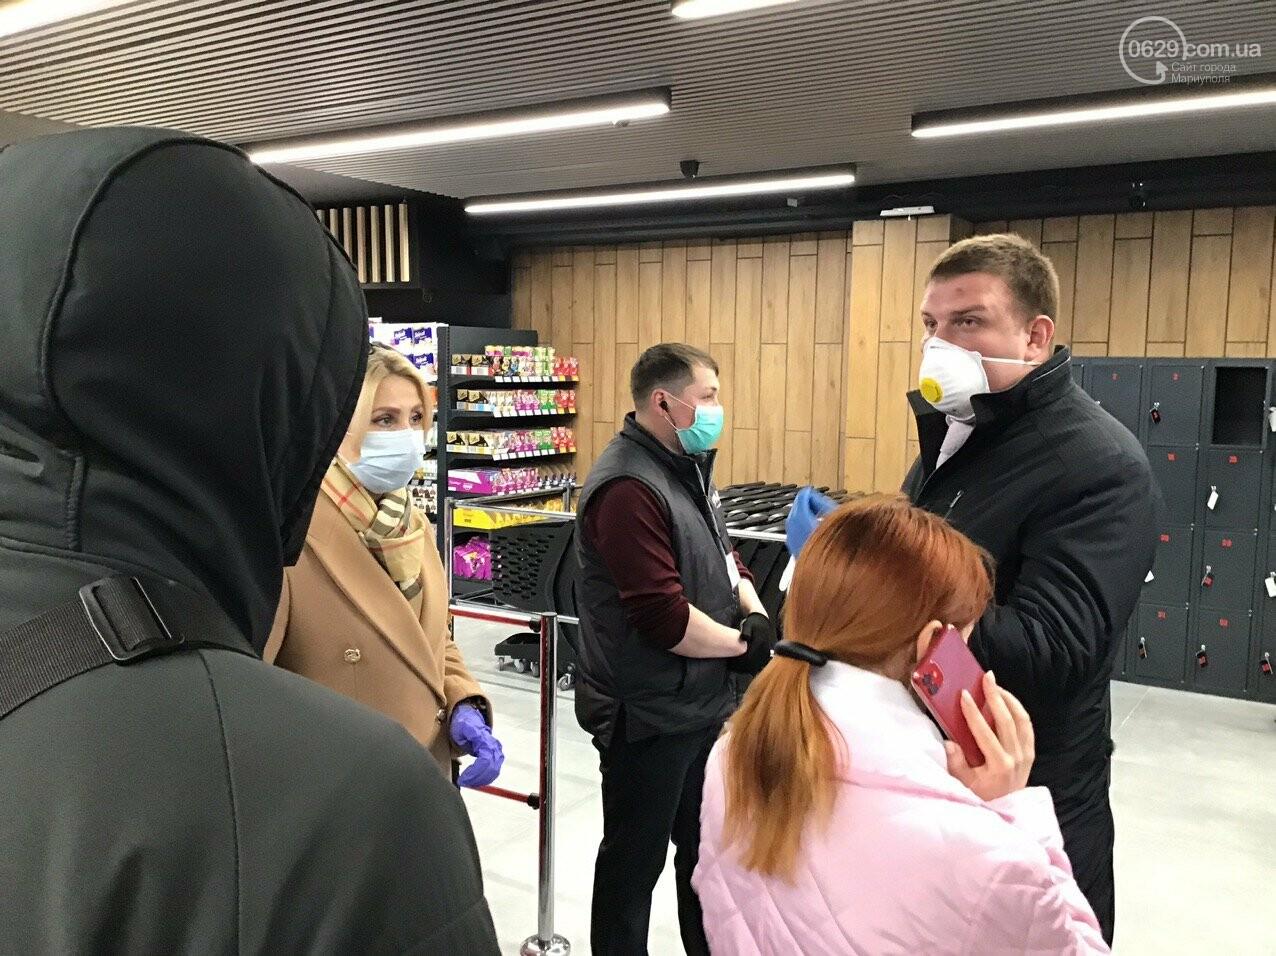 Мариупольцы в нарушение карантина штурмуют новый супермаркет, - ФОТО, ВИДЕО, фото-1